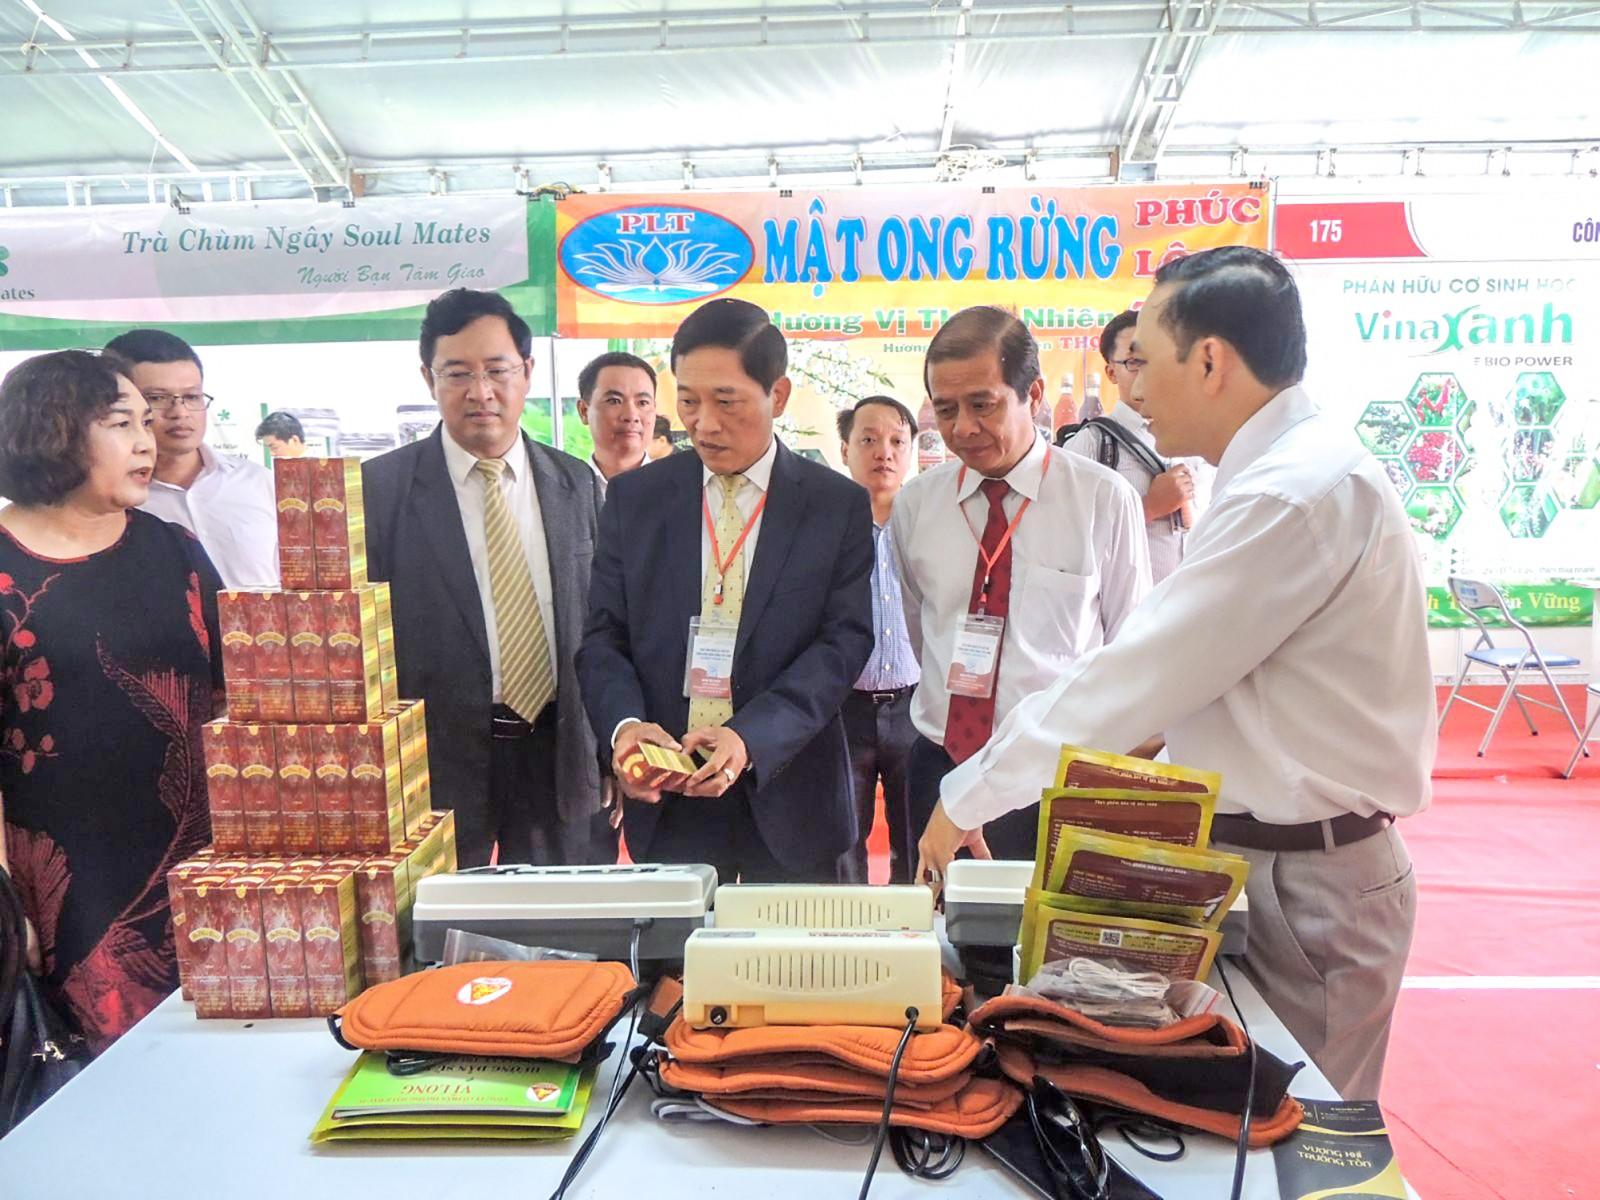 Thứ trưởng Bộ Khoa học và Công nghệ Trần Văn Tùng (thứ ba từ phải sang) tham quan các gian hàng trưng bày tại Chợ Công nghệ - Thiết bị.